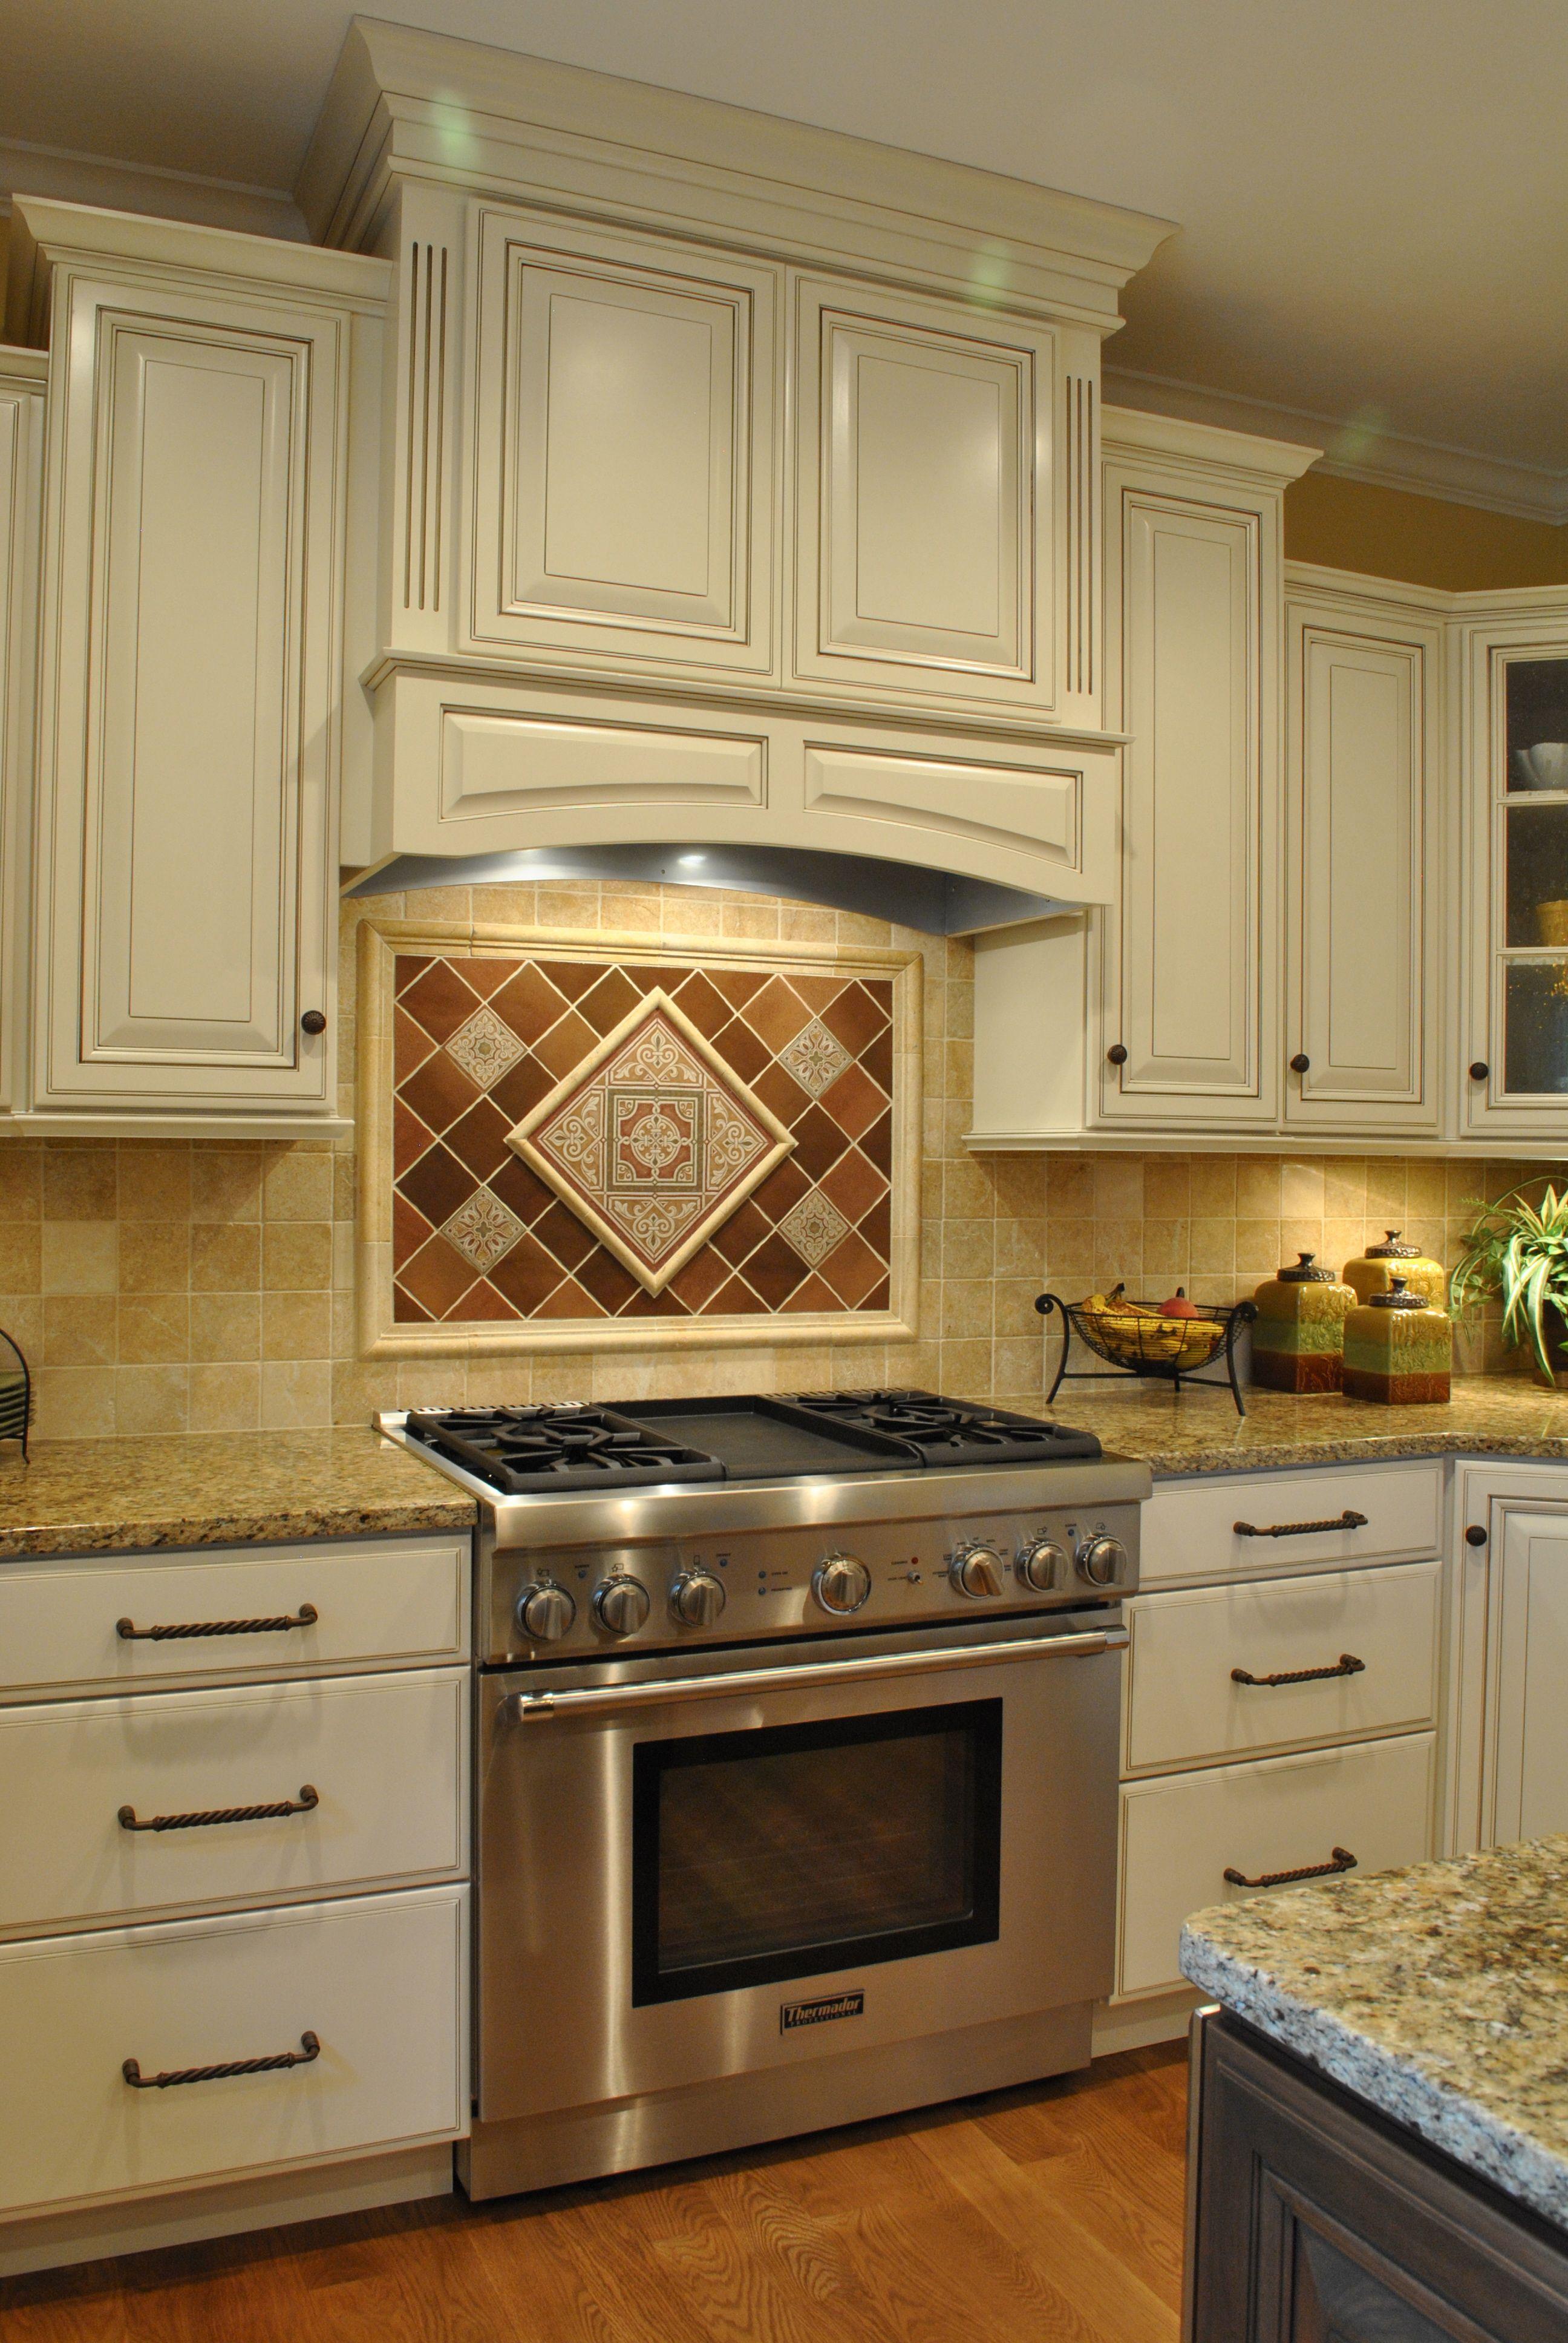 Decorative Backsplash Tile Slide In Range Oven Kitchen Kitchen